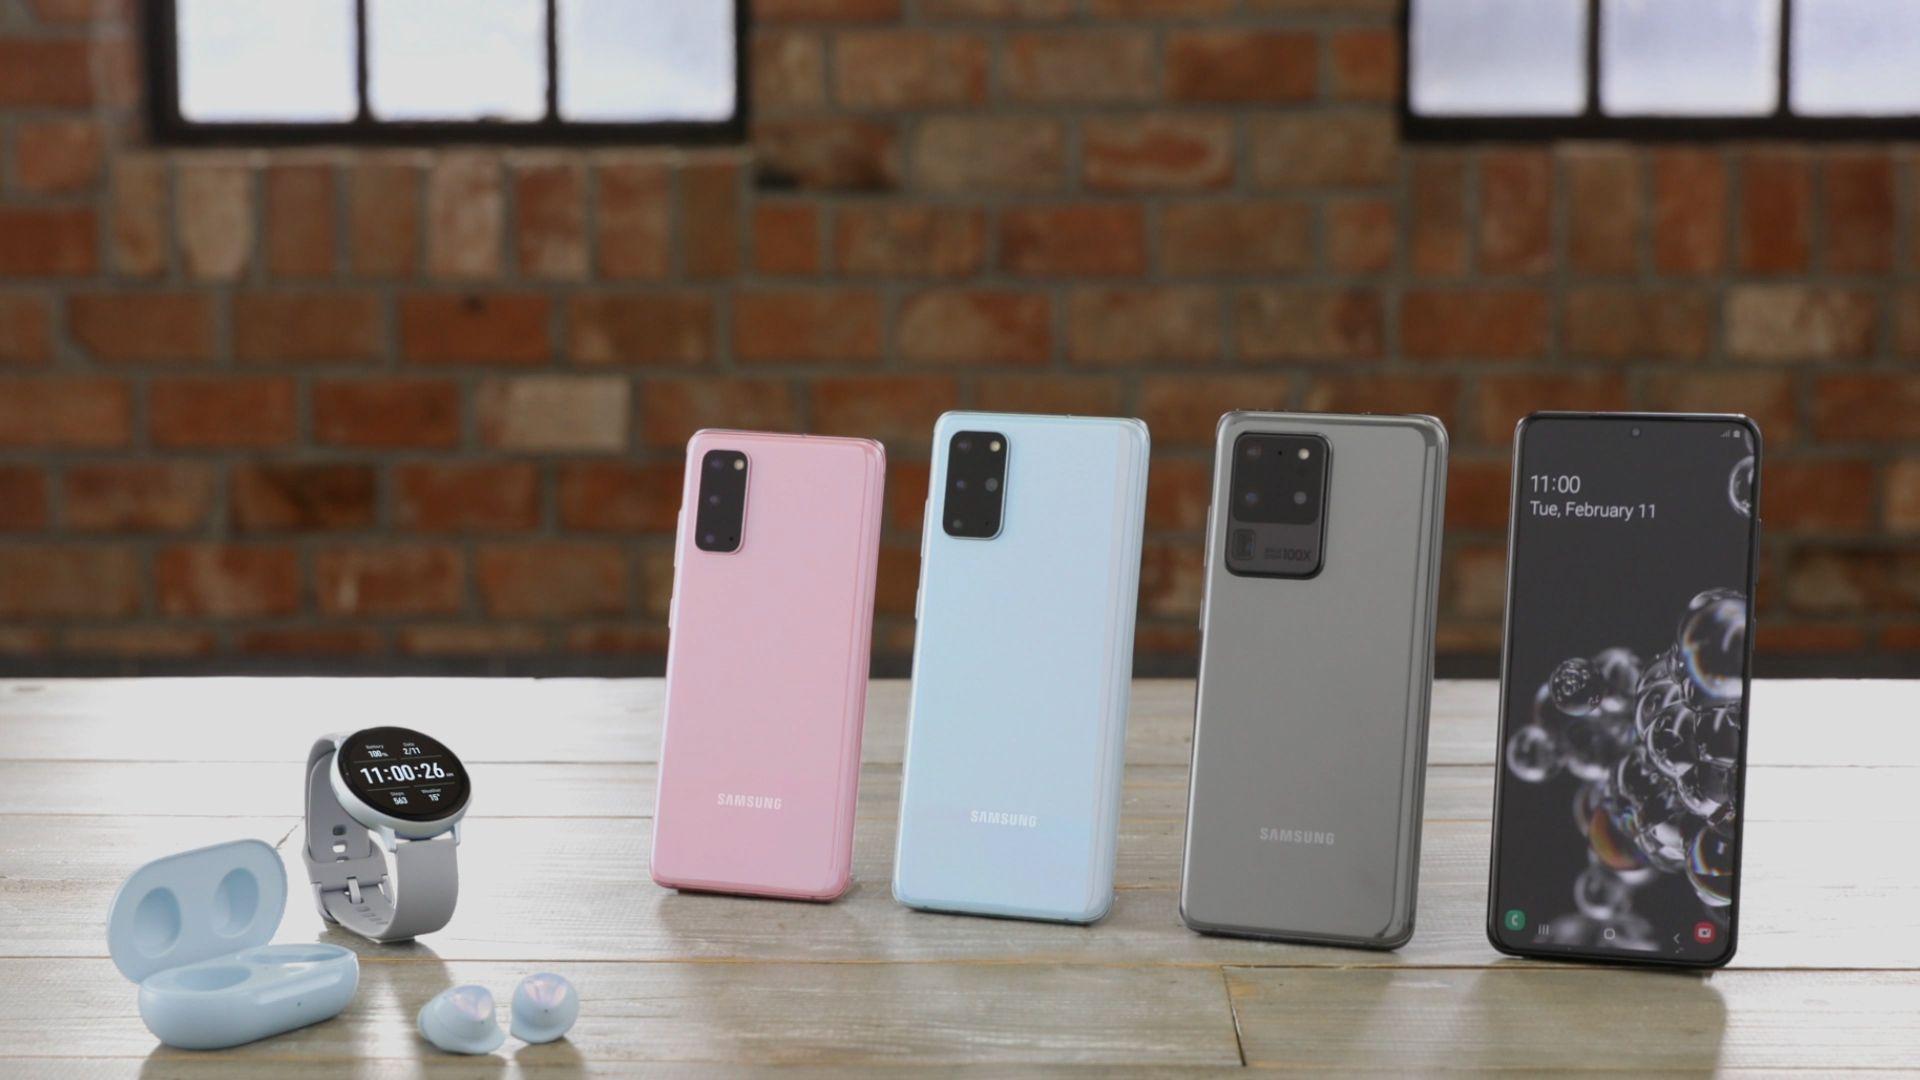 W Polsce wystartowała sprzedaż Samsungów z serii Galaxy S20! 19